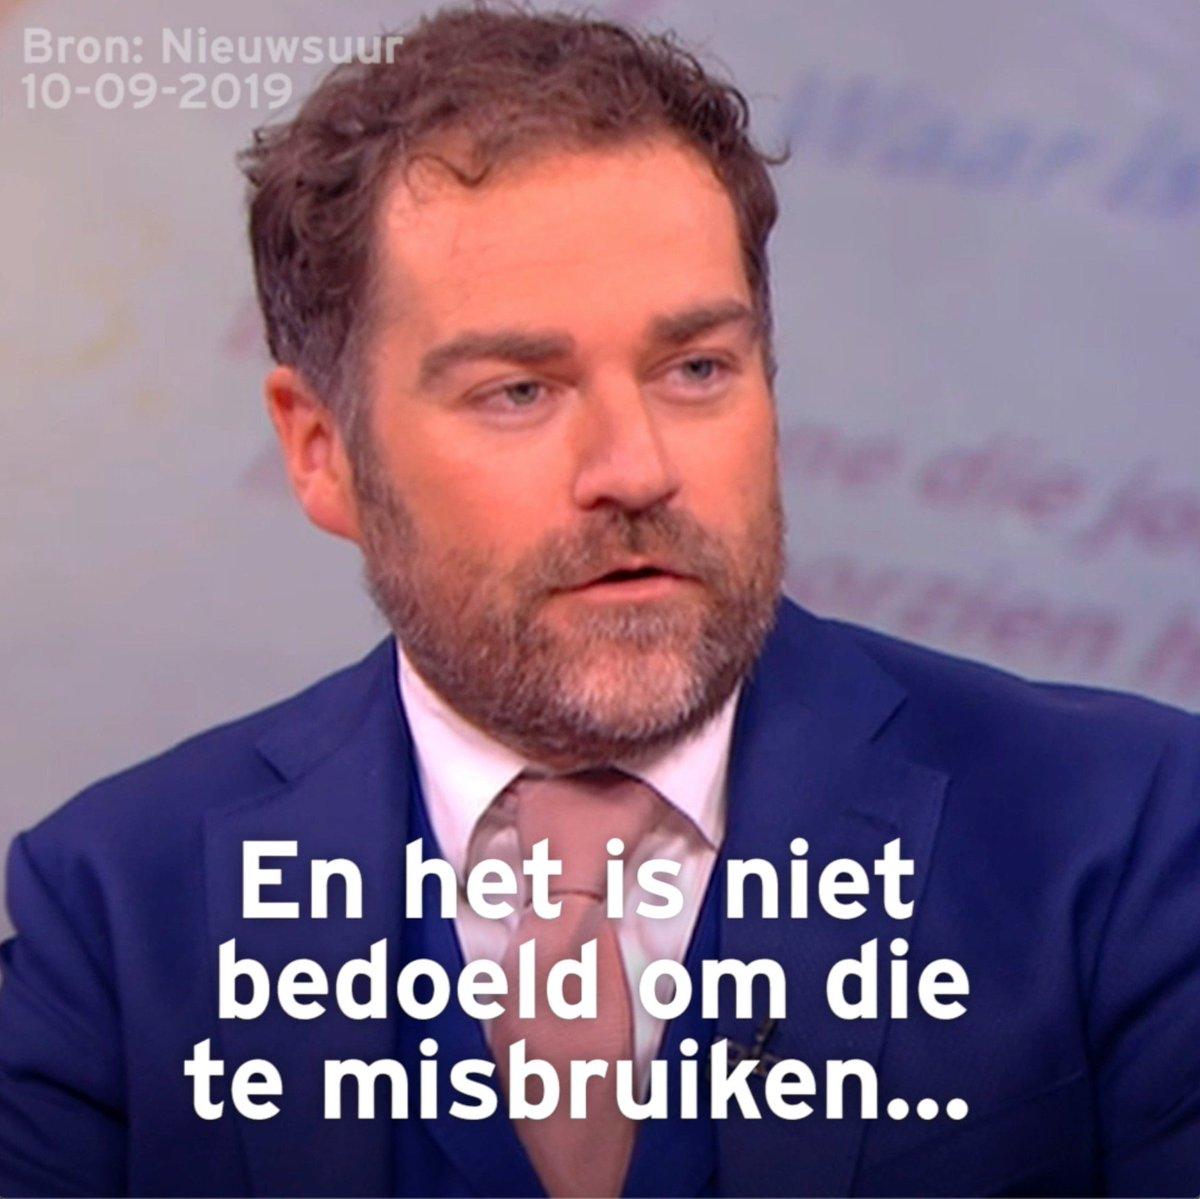 Klaas Dijkhoff on Twitter